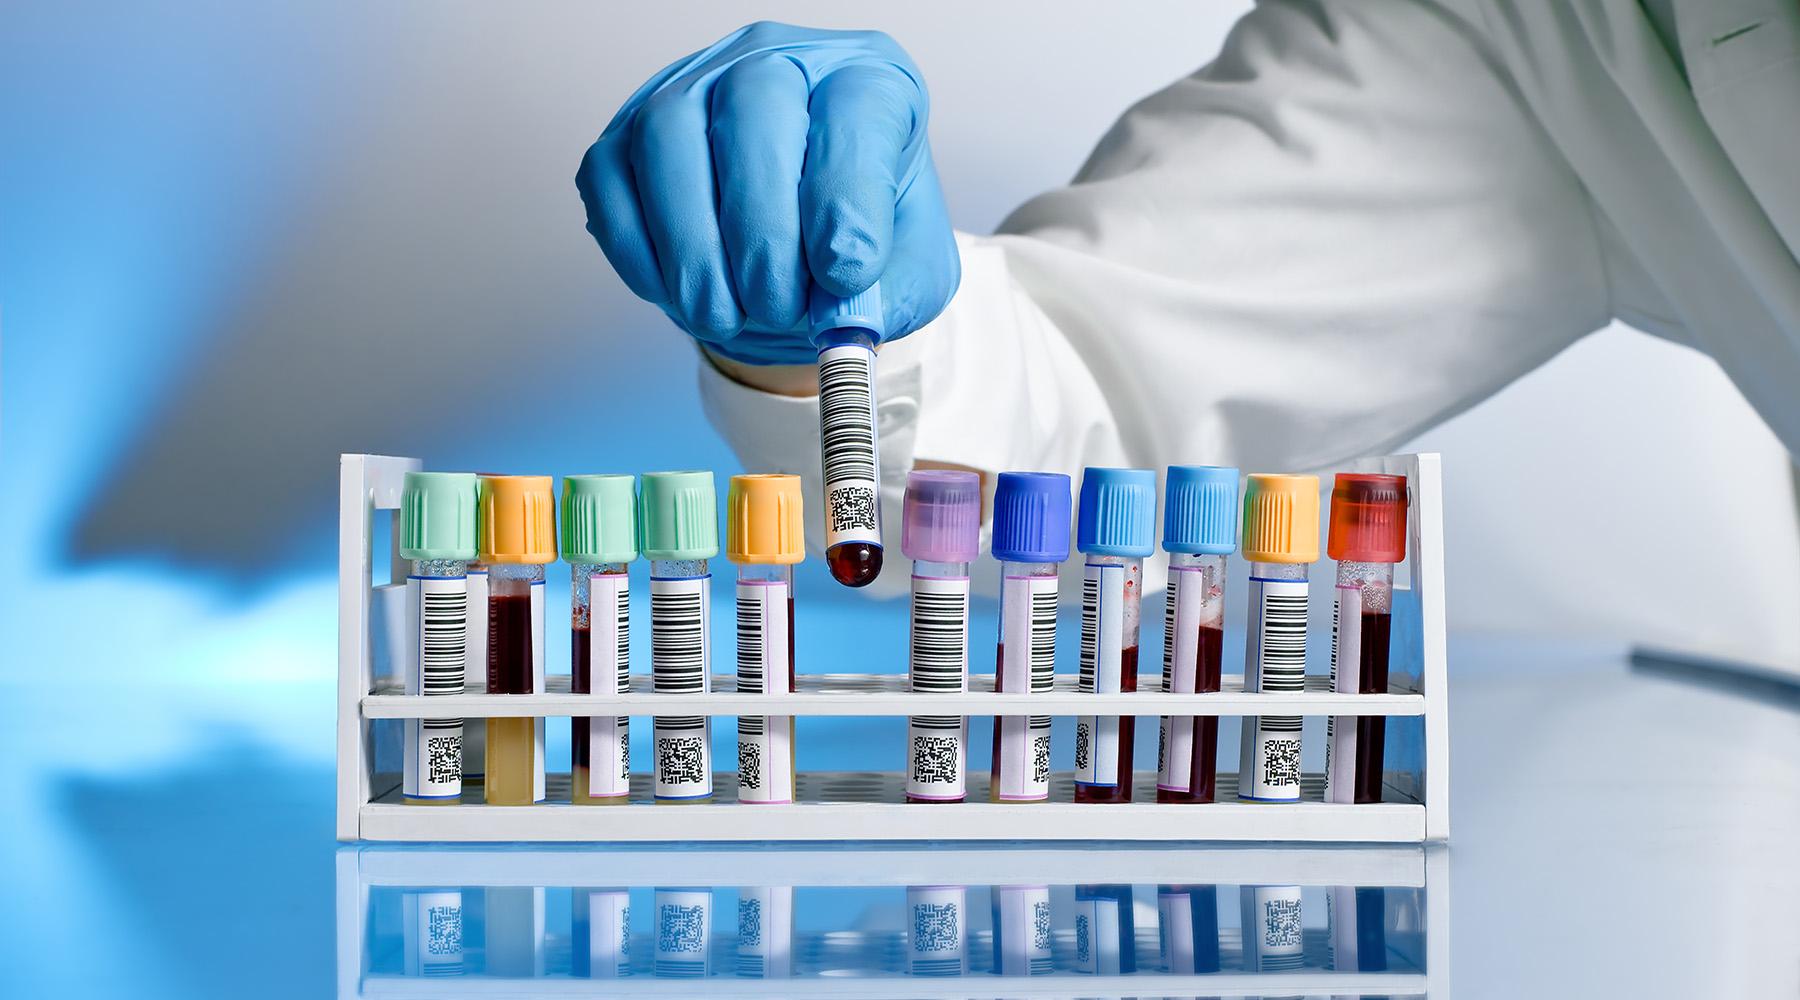 Transmitido pelo sexo sem camisinha, vírus HTLV-1 pode causar complicações sérias